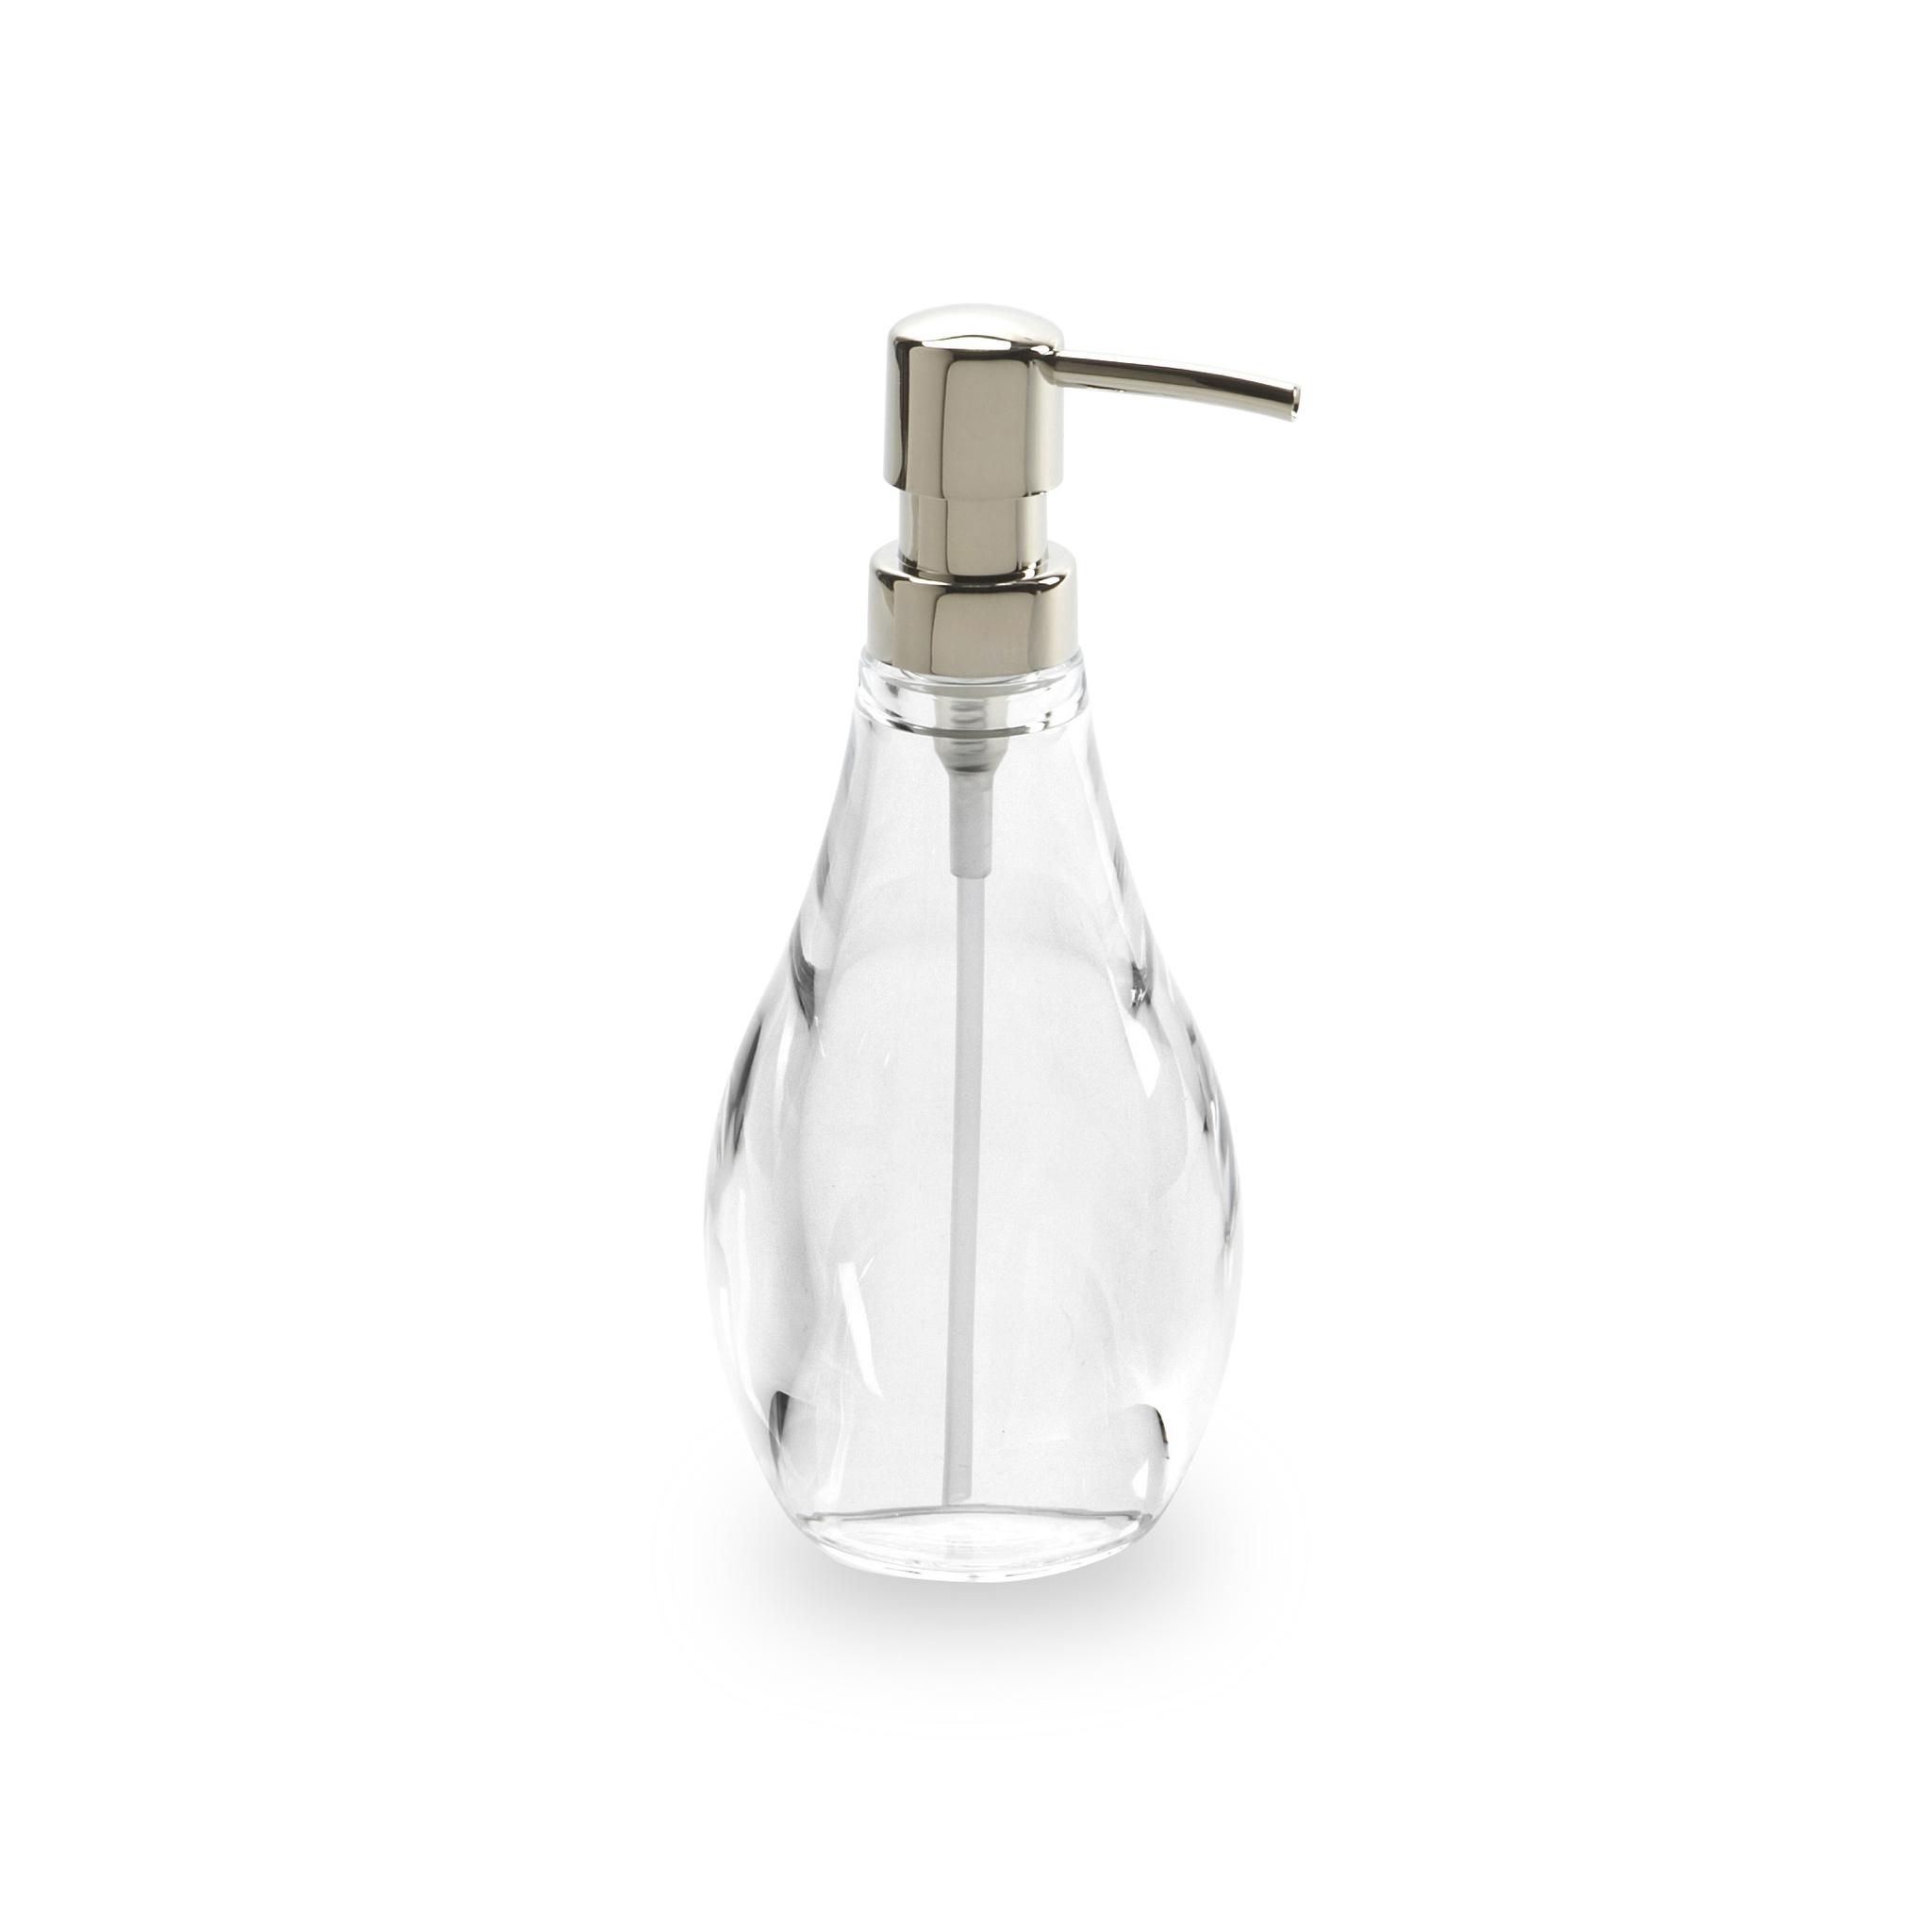 Диспенсер для жидкого мыла droplet прозрачный 020163-165